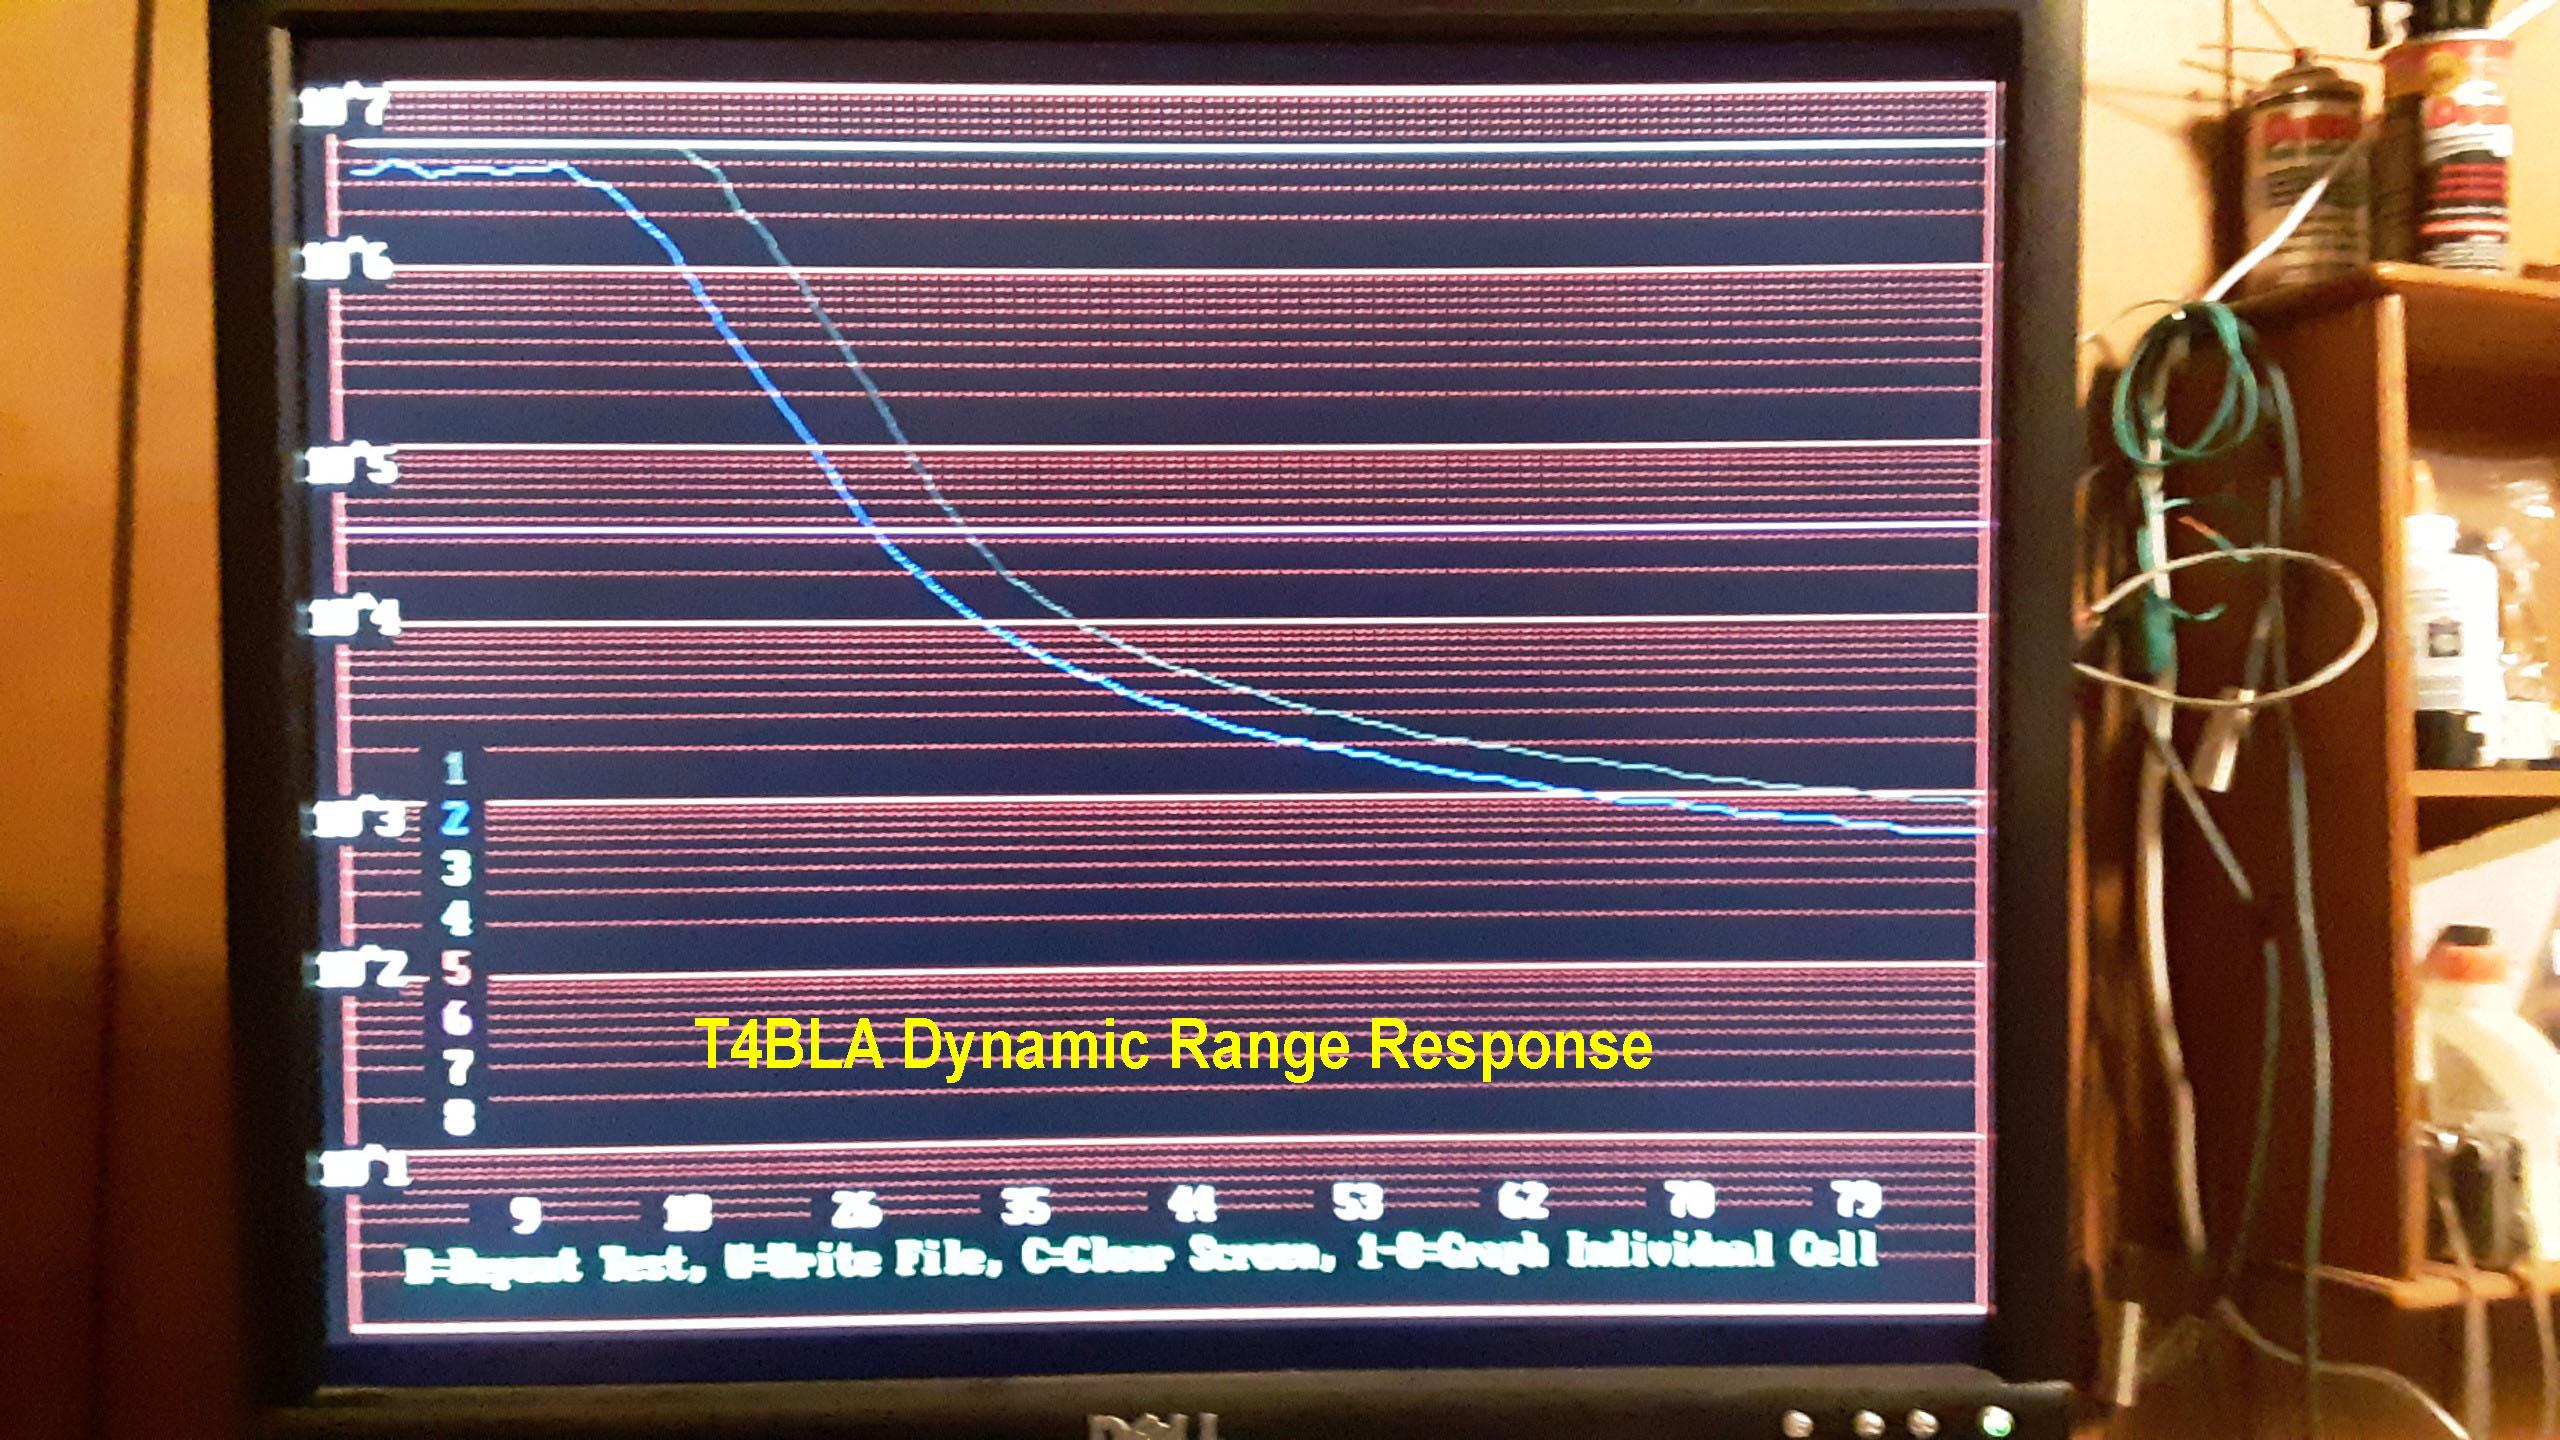 T4BLA Dynamic Range Response